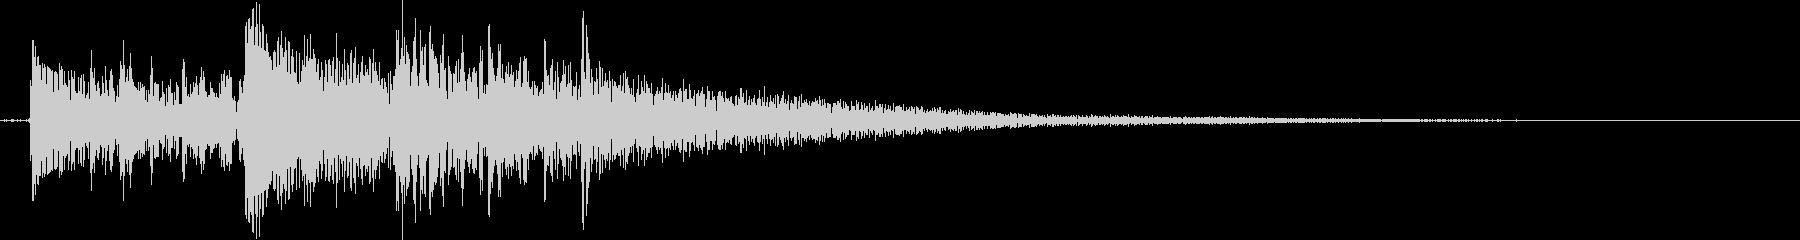 切ない雰囲気のアコギのジングル1の未再生の波形